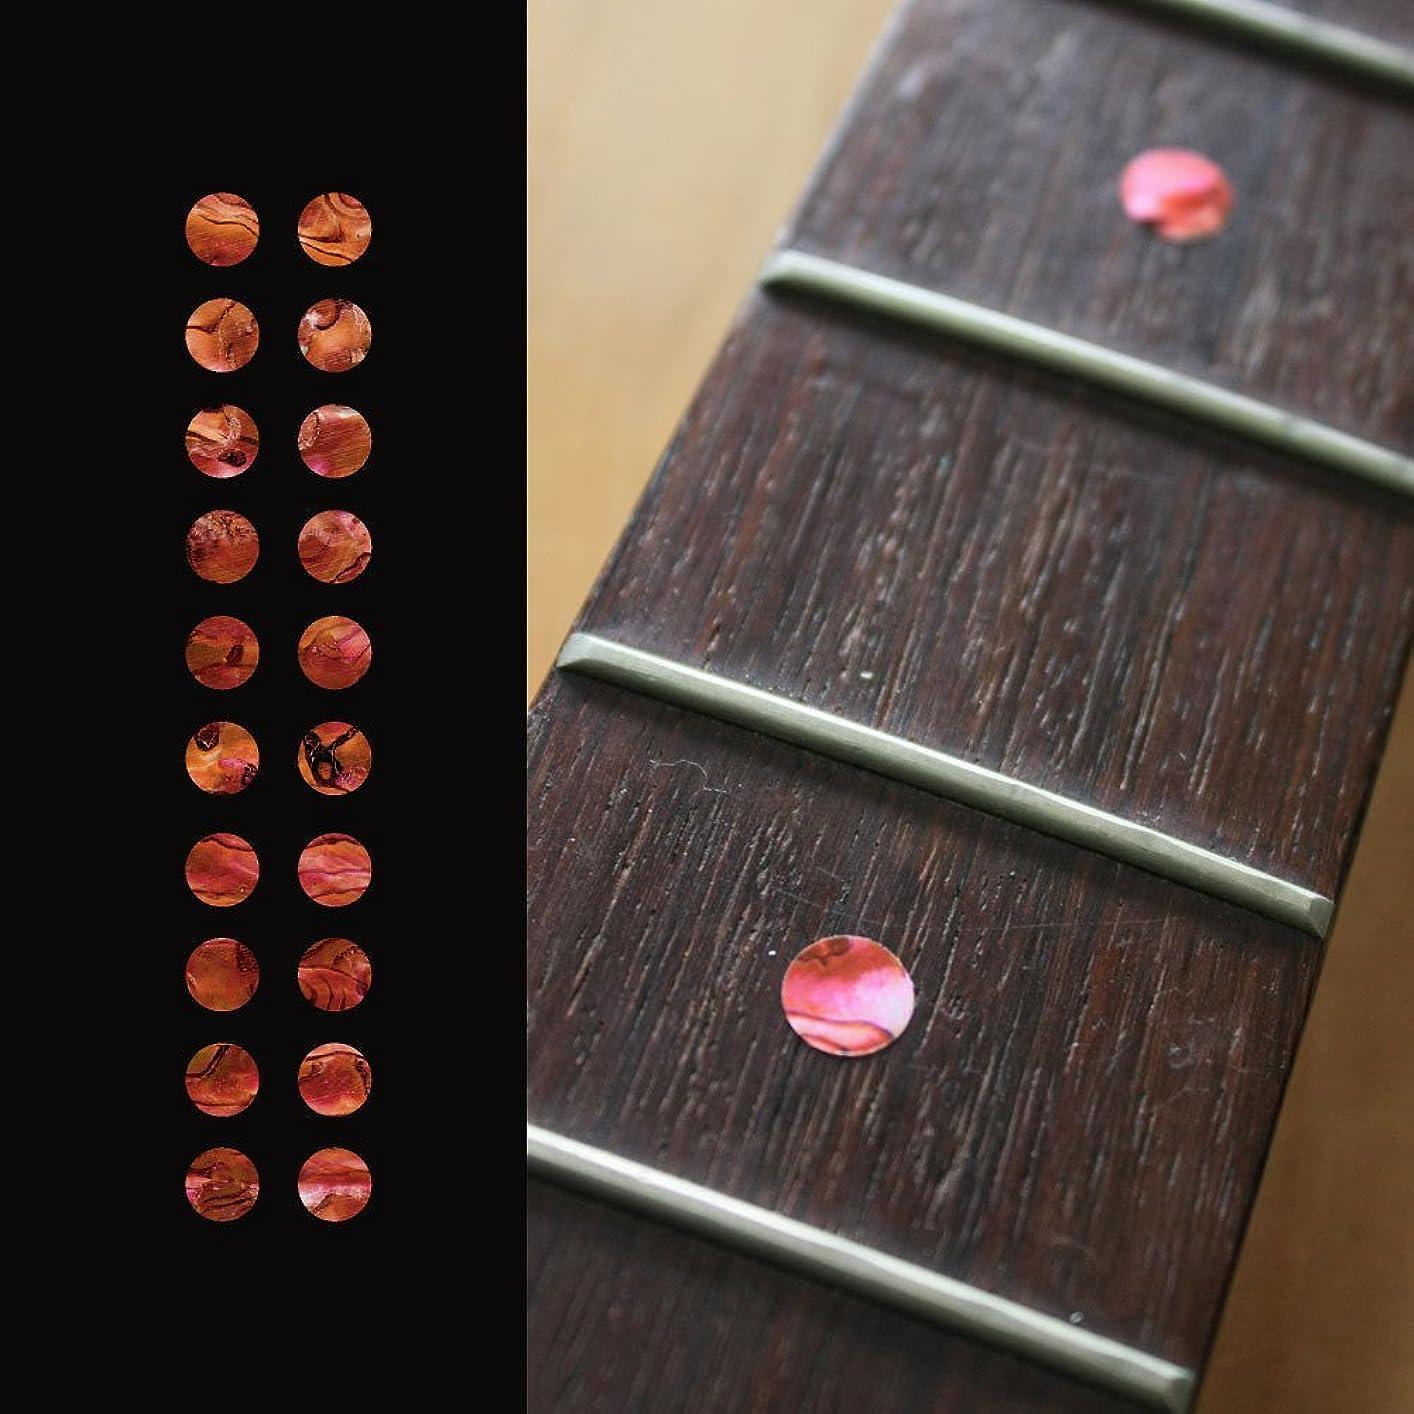 制裁遺跡等しい1/4インチ ドット セット(アバロンRED) ギターに貼る インレイステッカー 090-14-RD